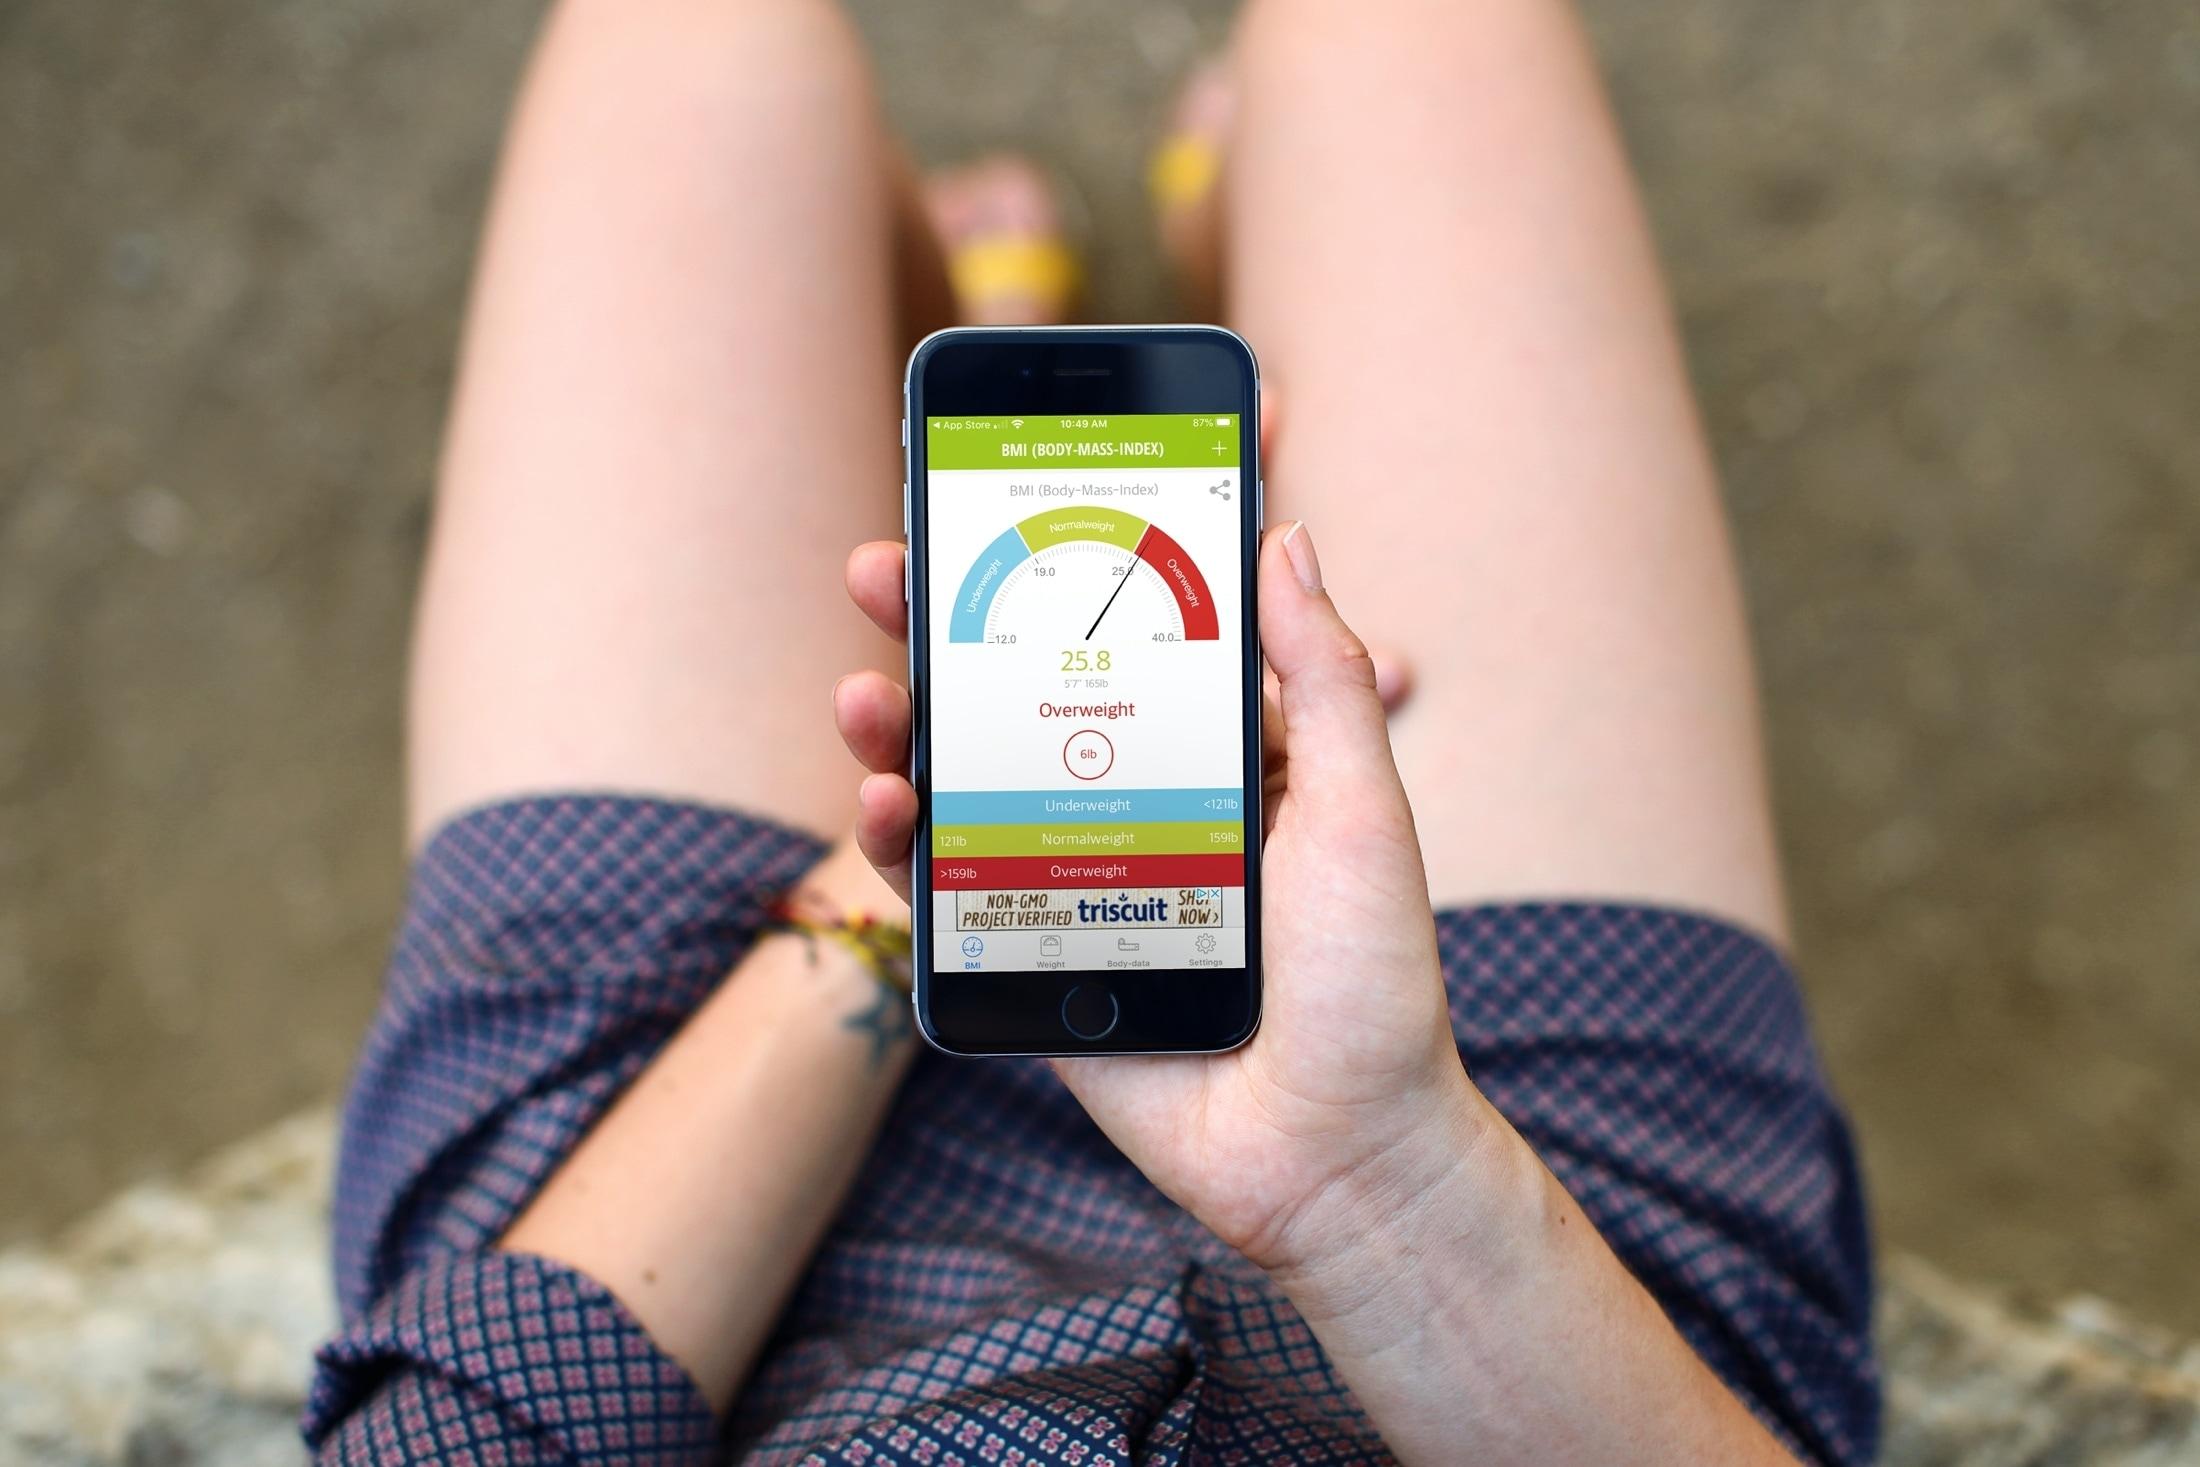 BMI-laskimet iPhonelle - aktiBMI